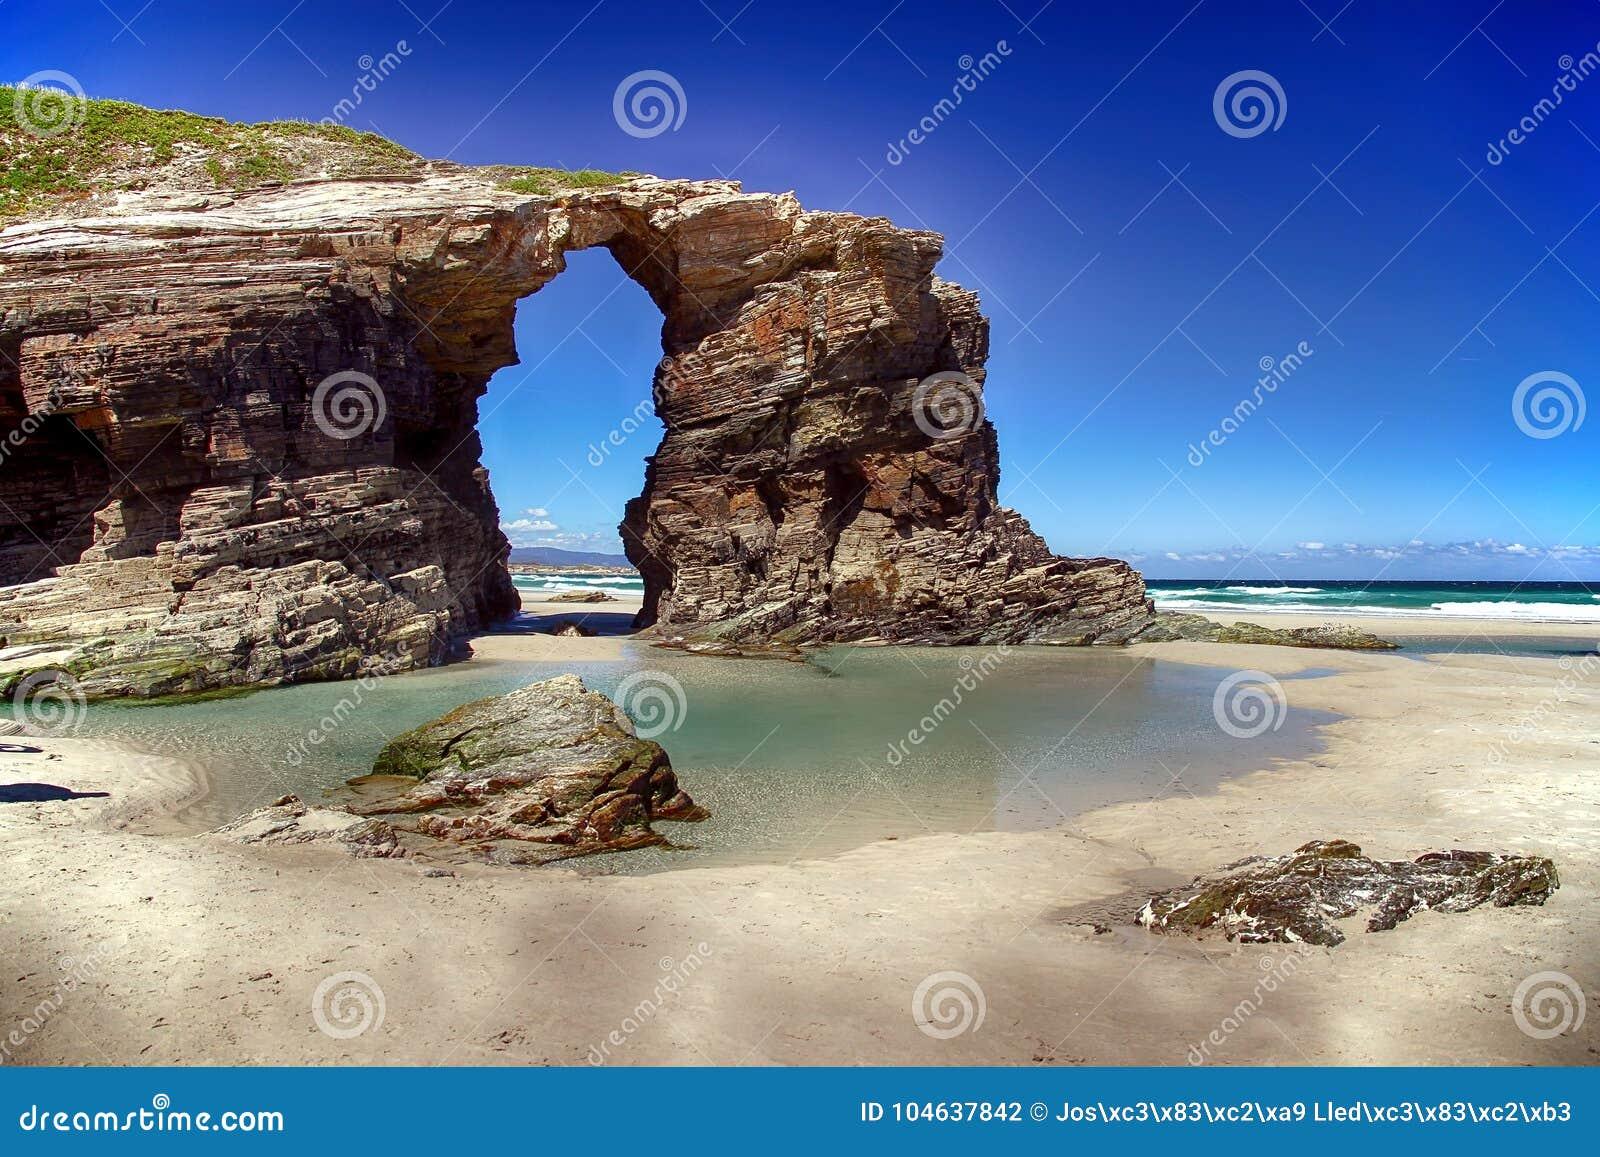 Download Het Kathedralenstrand In Eb Met Rotsen Erosioned Door De Actie Van Het Overzees Stock Foto - Afbeelding bestaande uit overzees, europa: 104637842